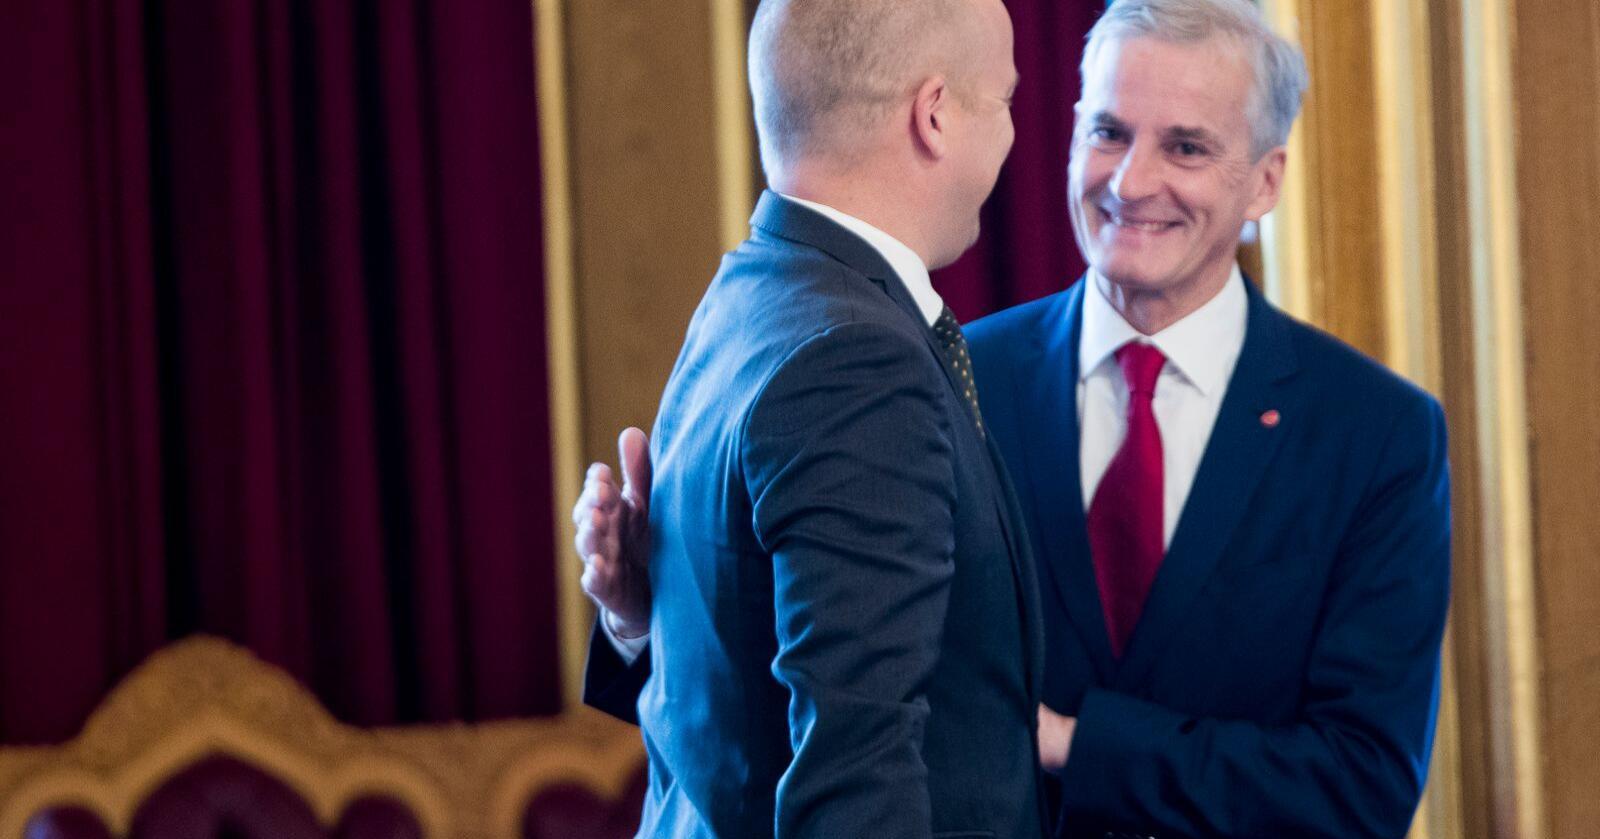 Vektskåla har vippet: Maktforholdet er tilbake til mer normalt mellom Trygve Slagsvold Vedum (Sp) tv. og Jonas Gahr Støre (Ap). Foto: Terje Pedersen / NTB